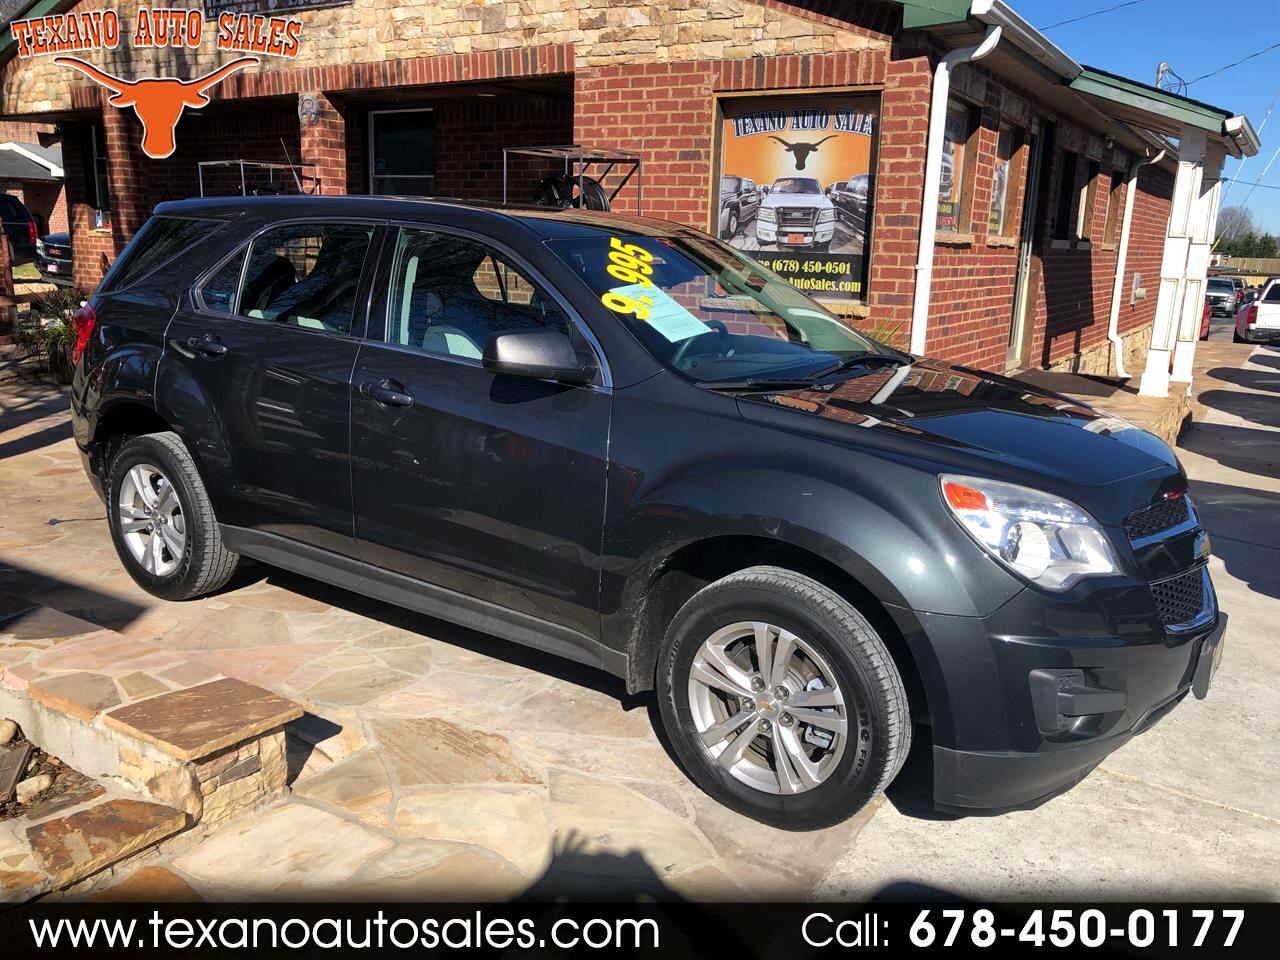 2012 Chevrolet Equinox FWD 4dr LS